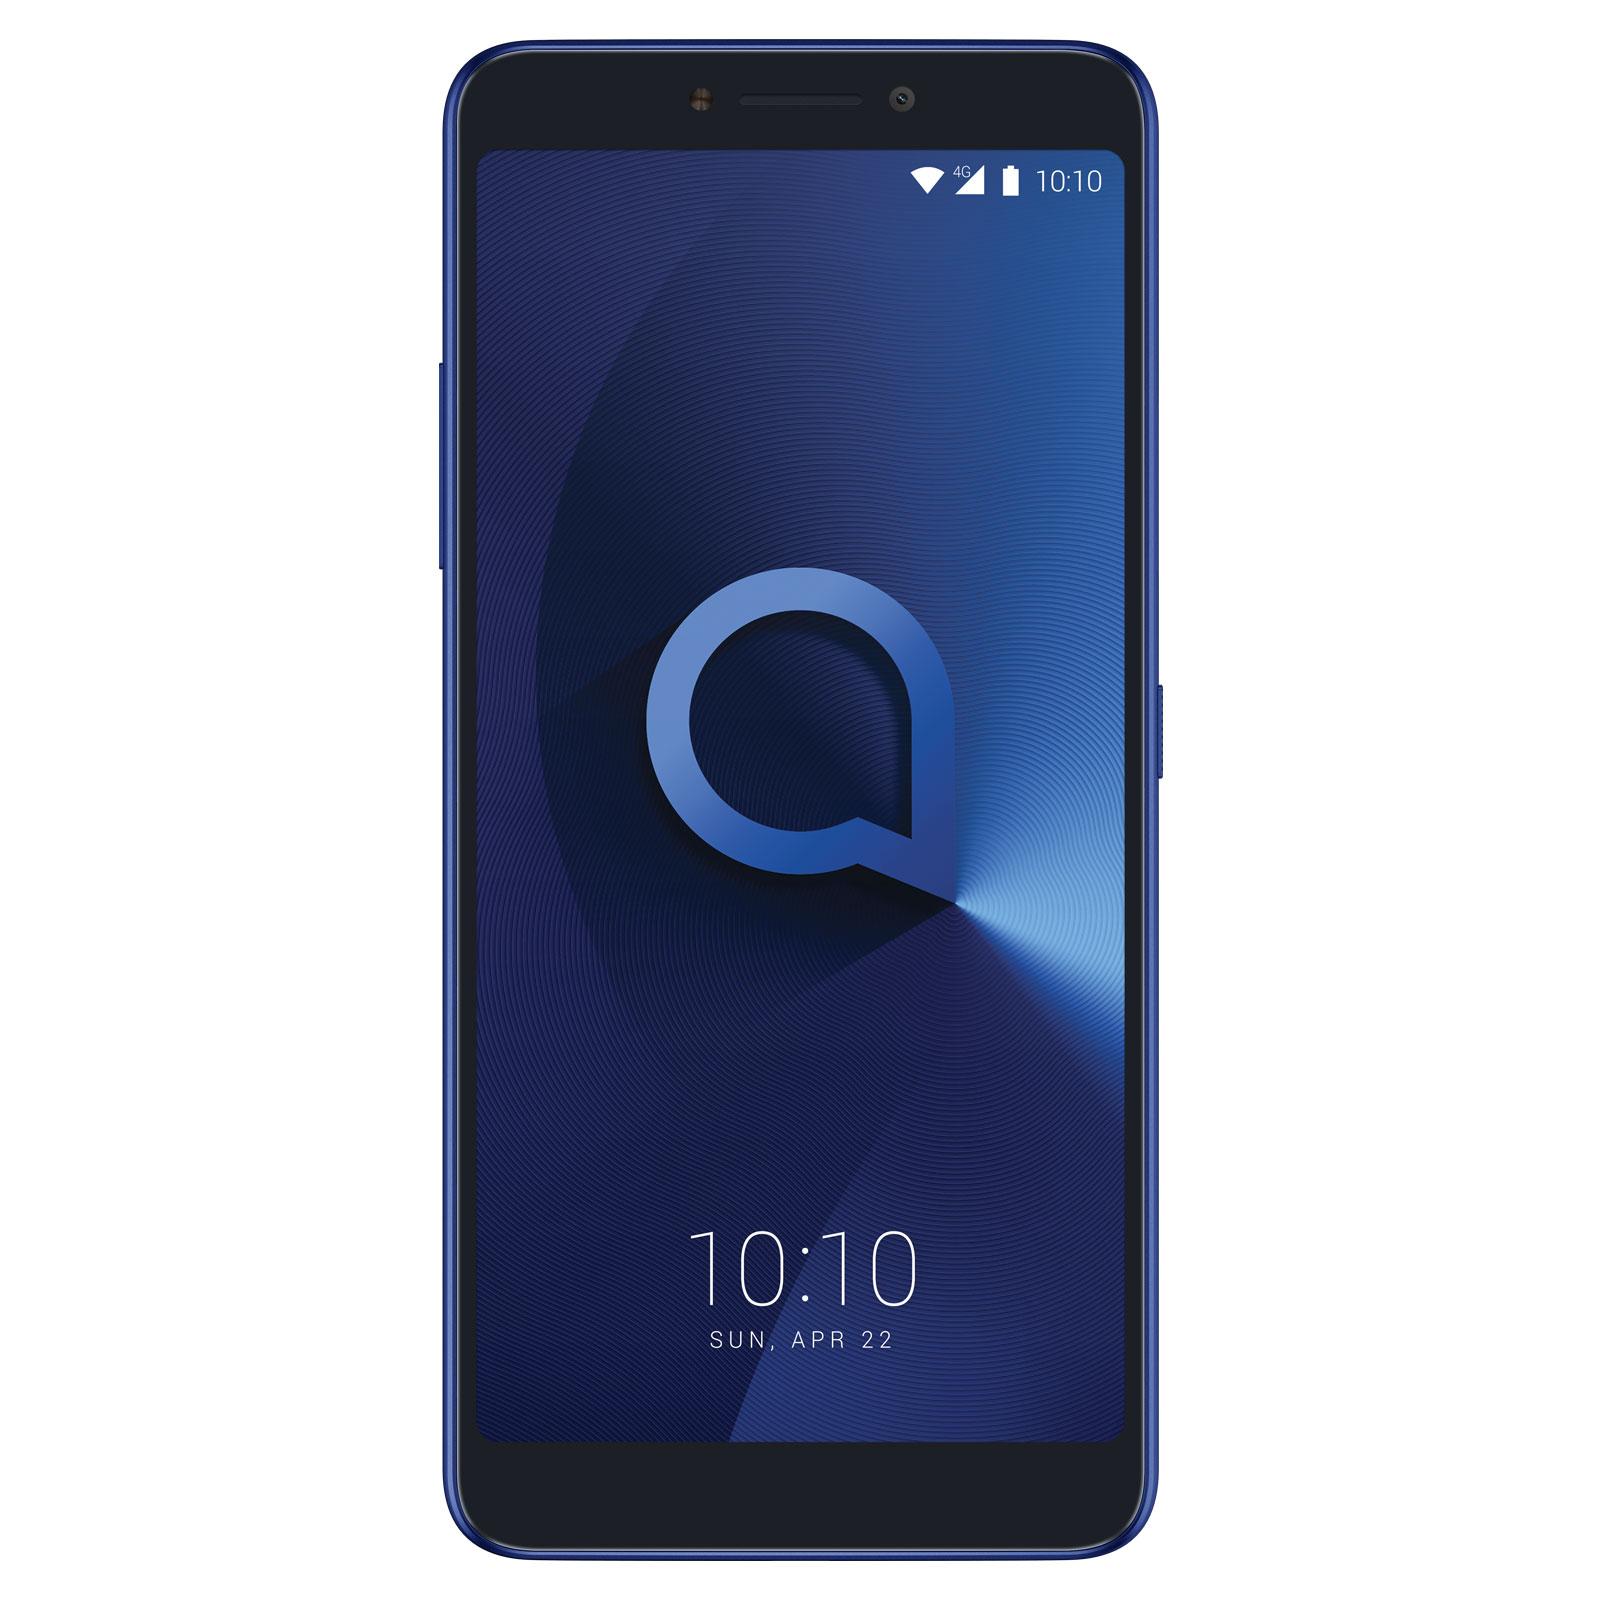 """Mobile & smartphone Alcatel 3v Bleu Smartphone 4G-LTE Dual SIM - MediaTek MT8735A Quad-Core 1.4 GHz - RAM 2 Go - Ecran tactile 6"""" 1080 x 2160 - 16 Go - Bluetooth 4.2 - 3000 mAh - Android 8.0"""